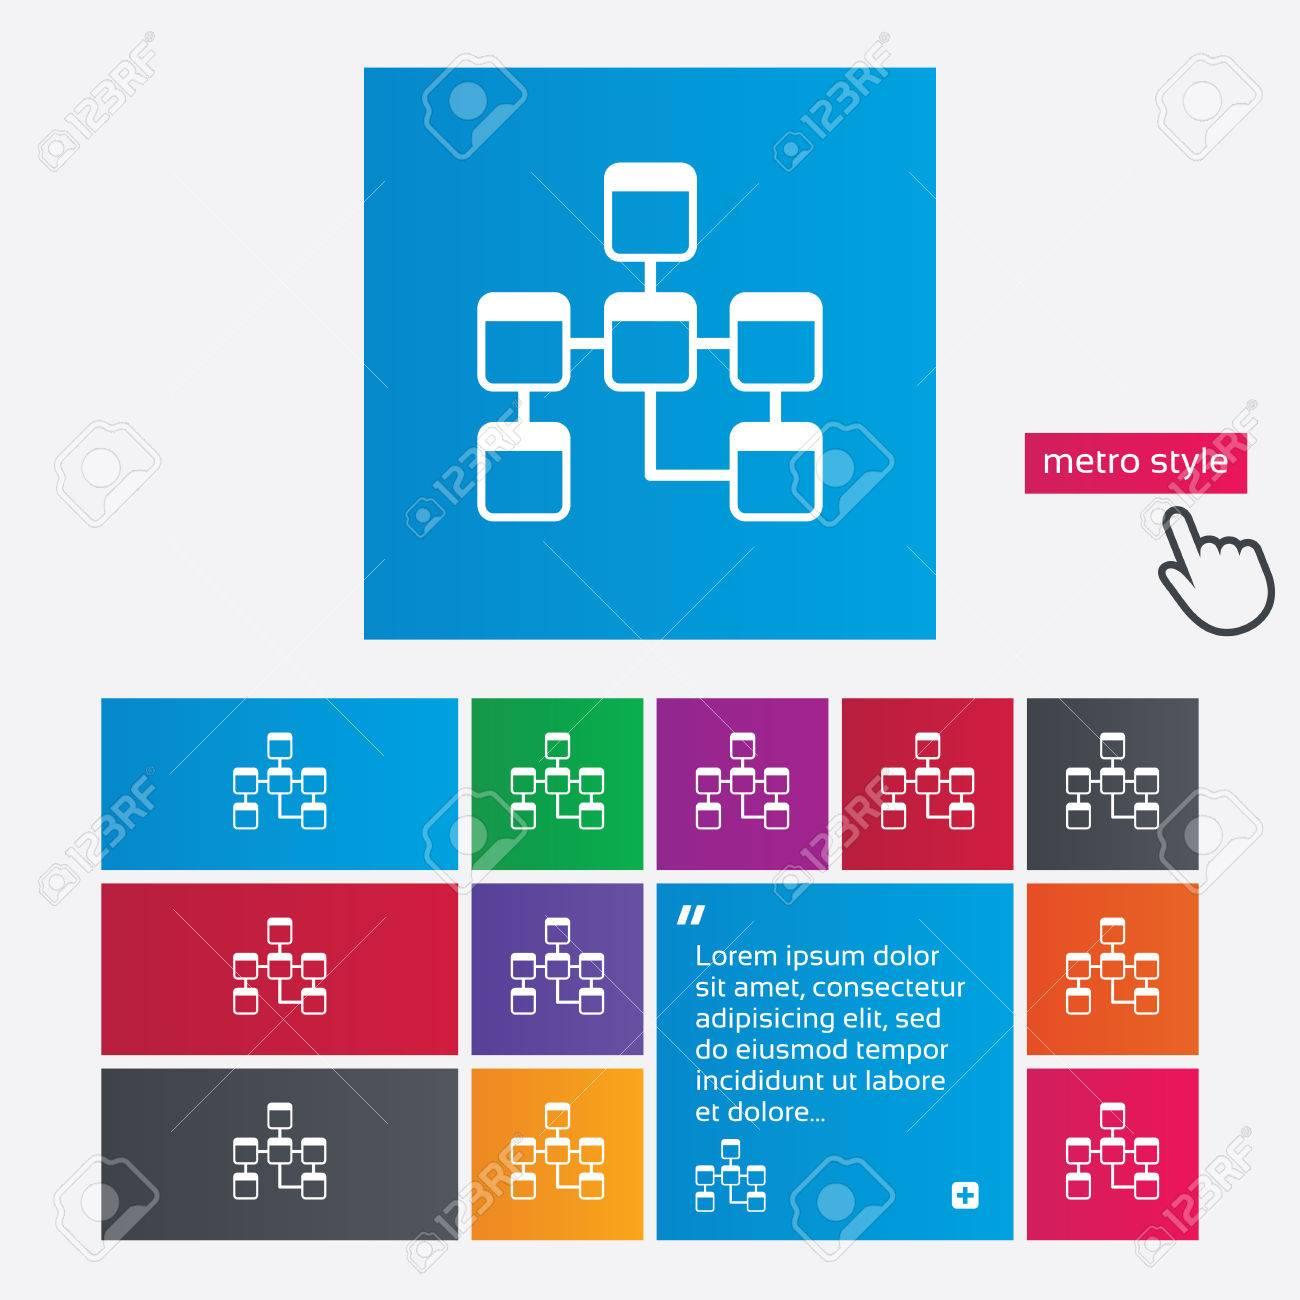 Schön 3 Wege Schaltschema Symbol Ideen - Der Schaltplan - triangre.info